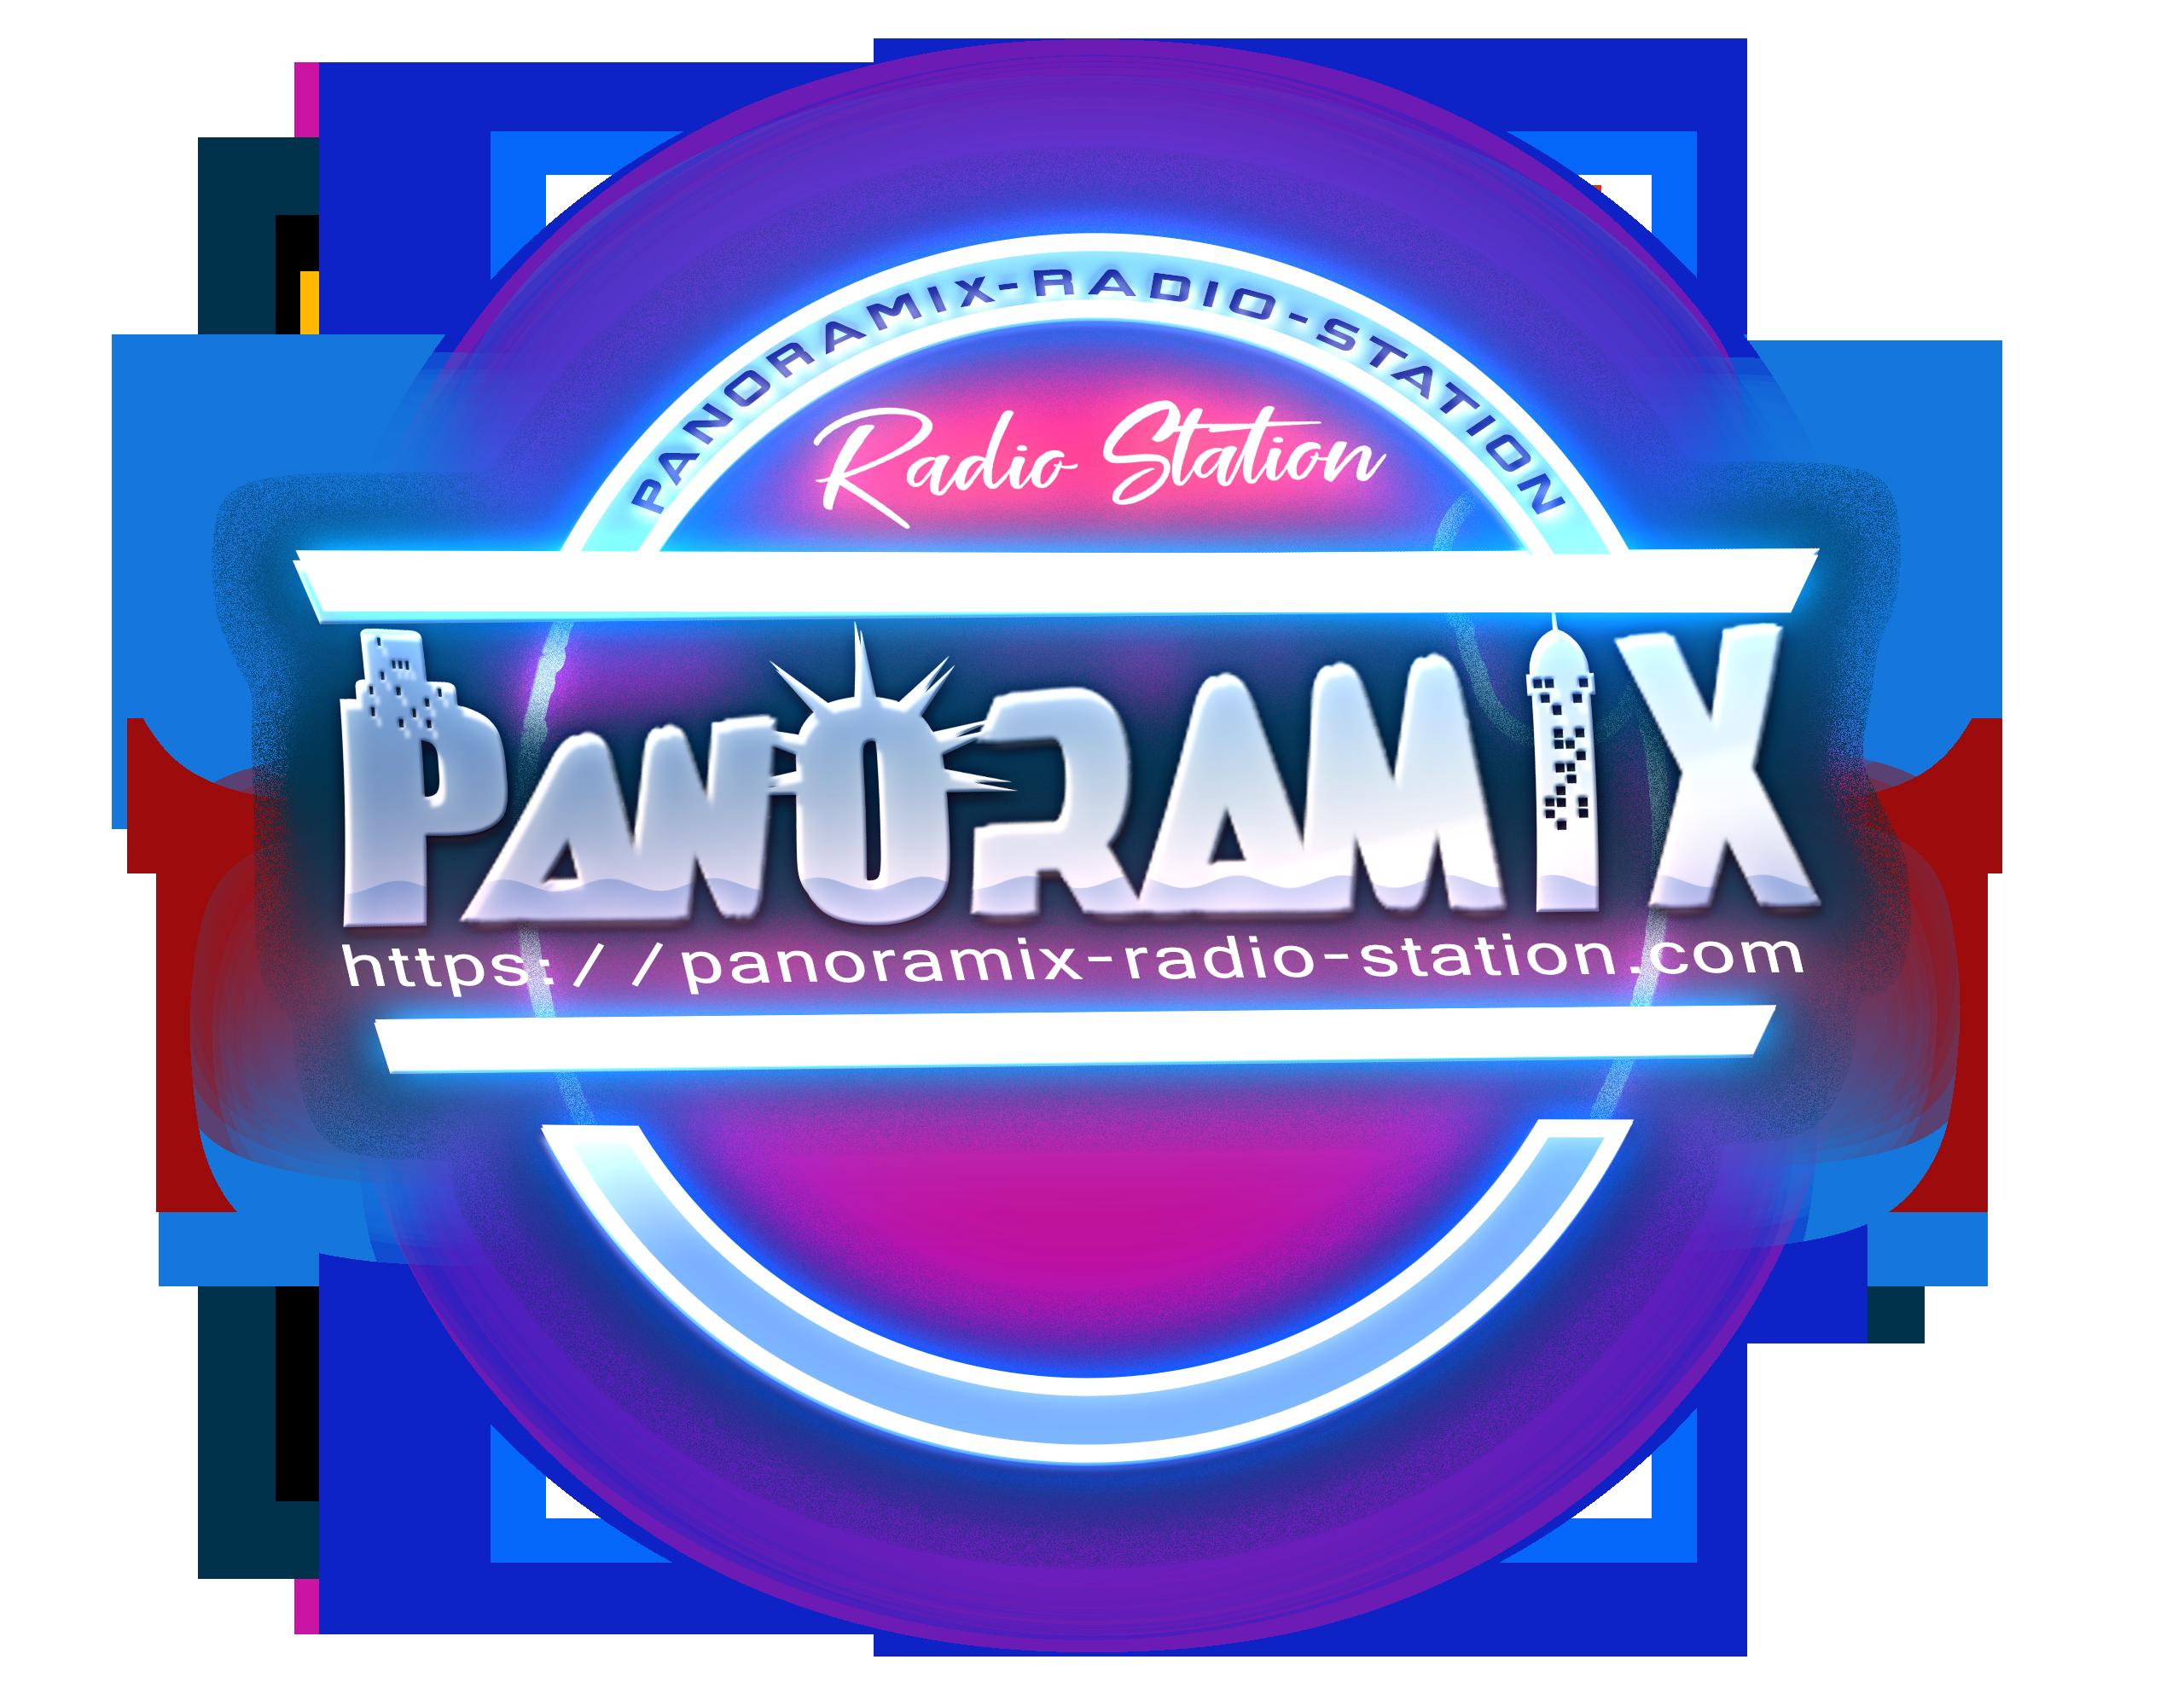 https://panoramix-radio-station.com